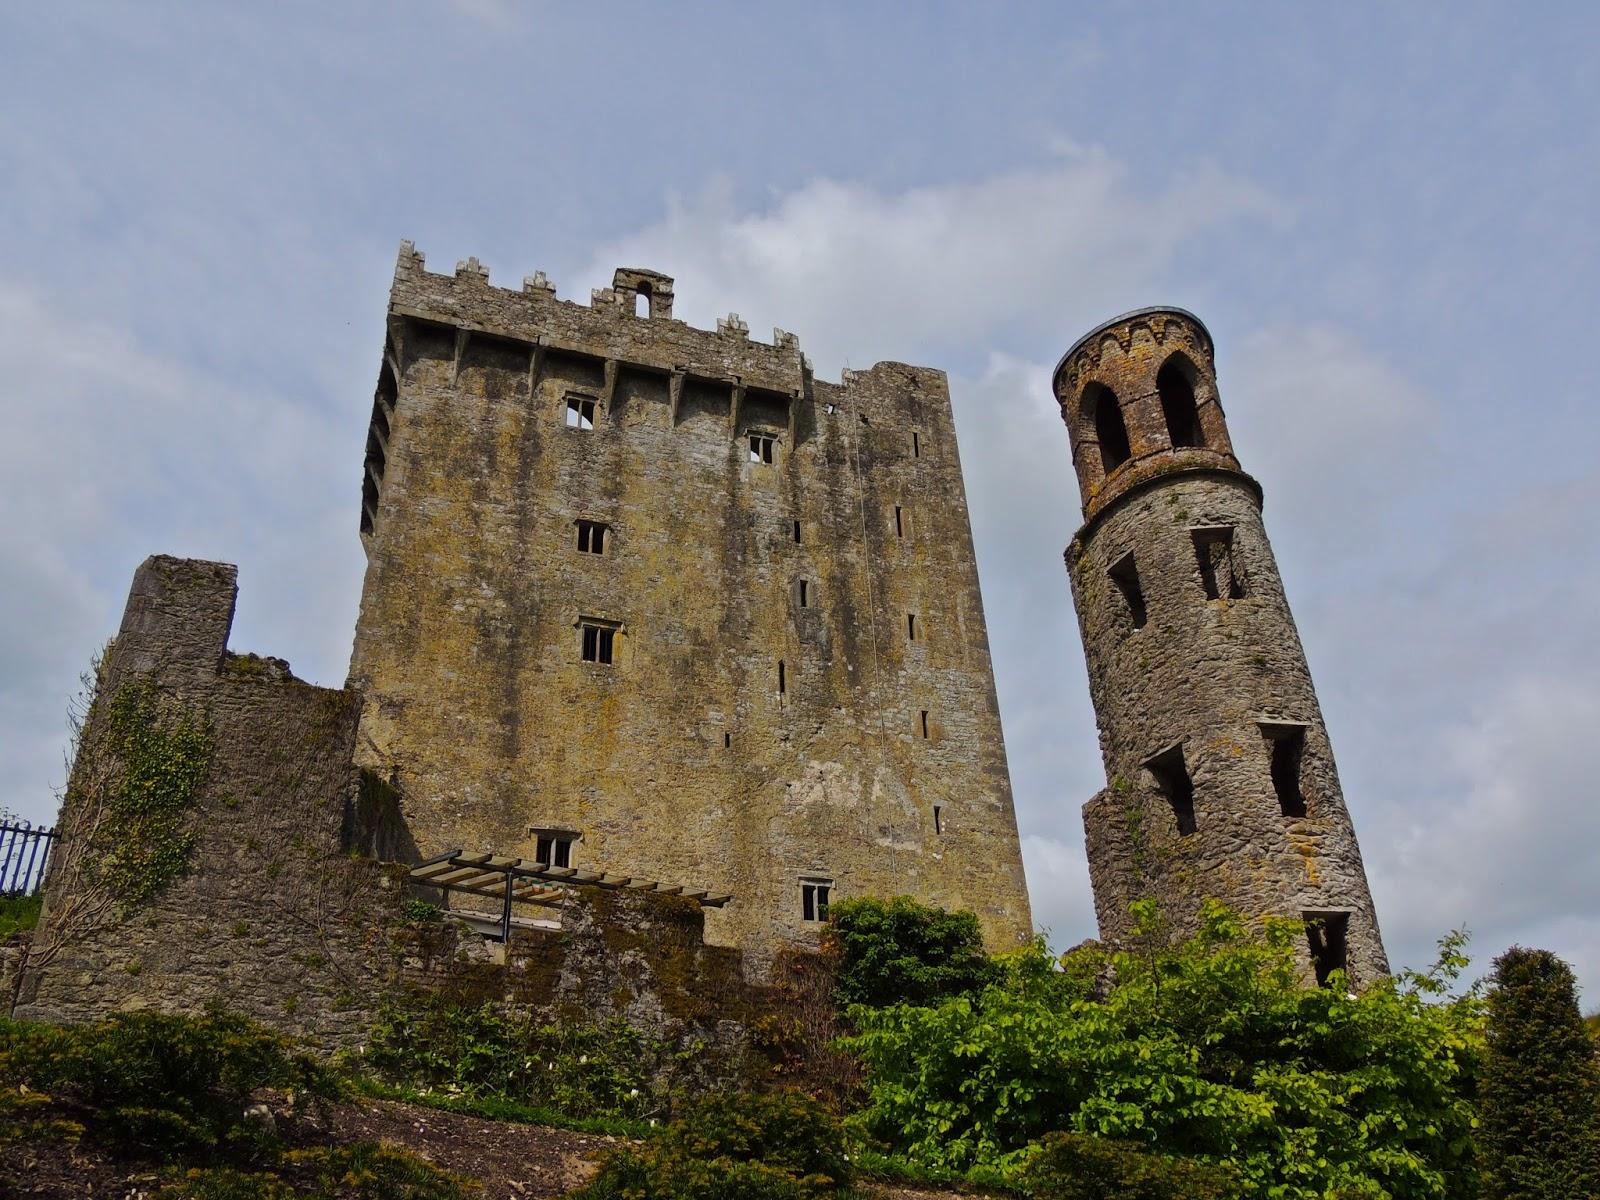 Viva la voyage blarney castle ireland for The blarney